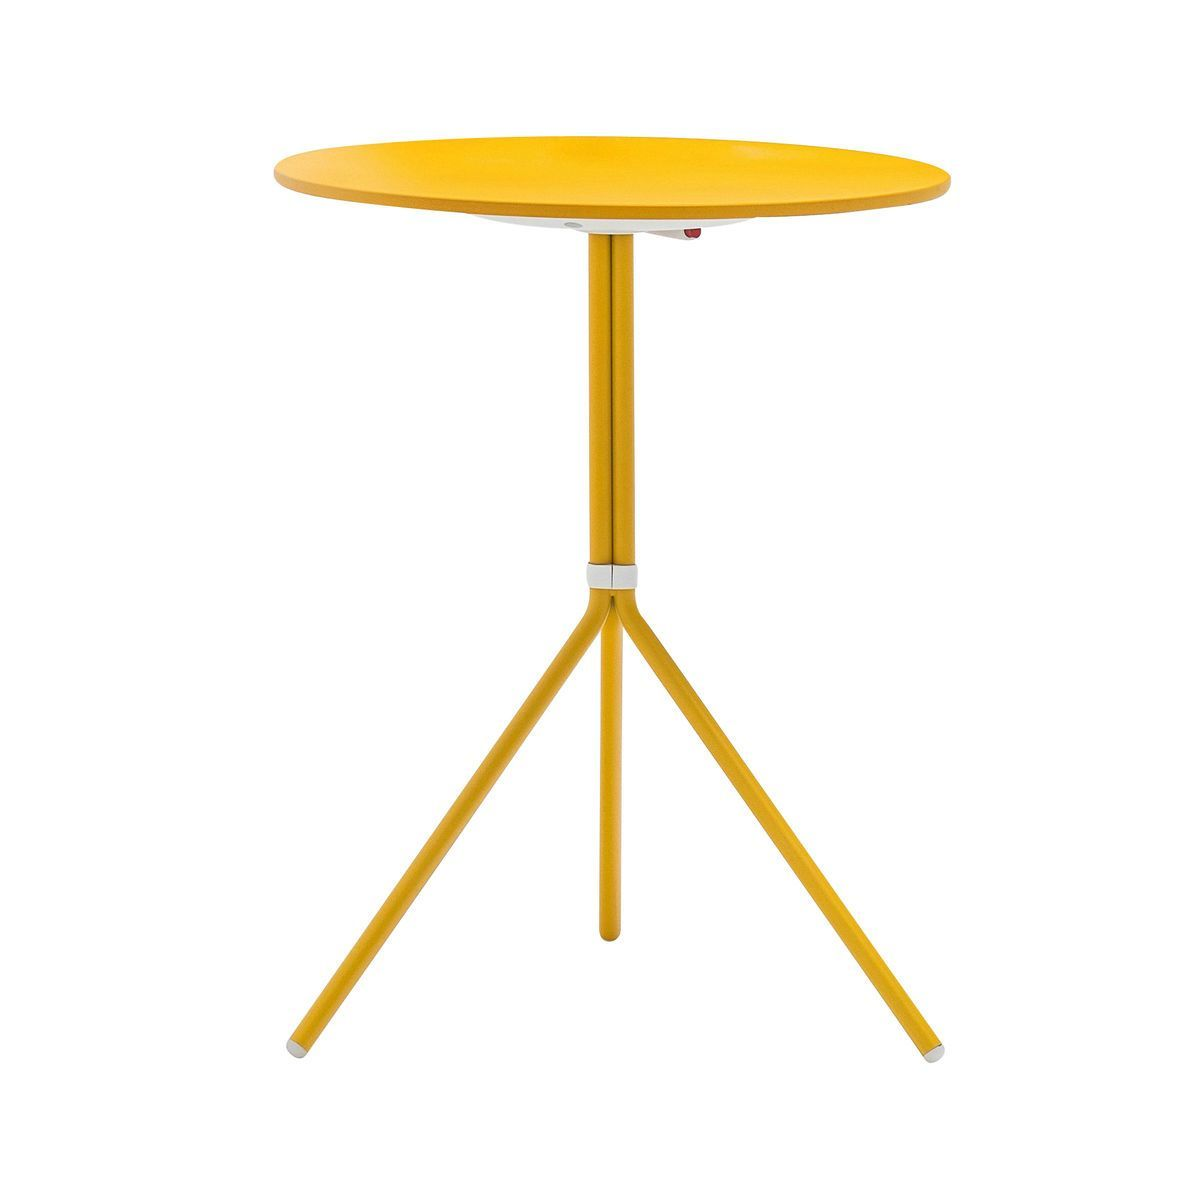 Gartentisch rund klappbar  Nolita 5453T Gartentisch rund H 73cm | Pedrali | AmbienteDirect.com